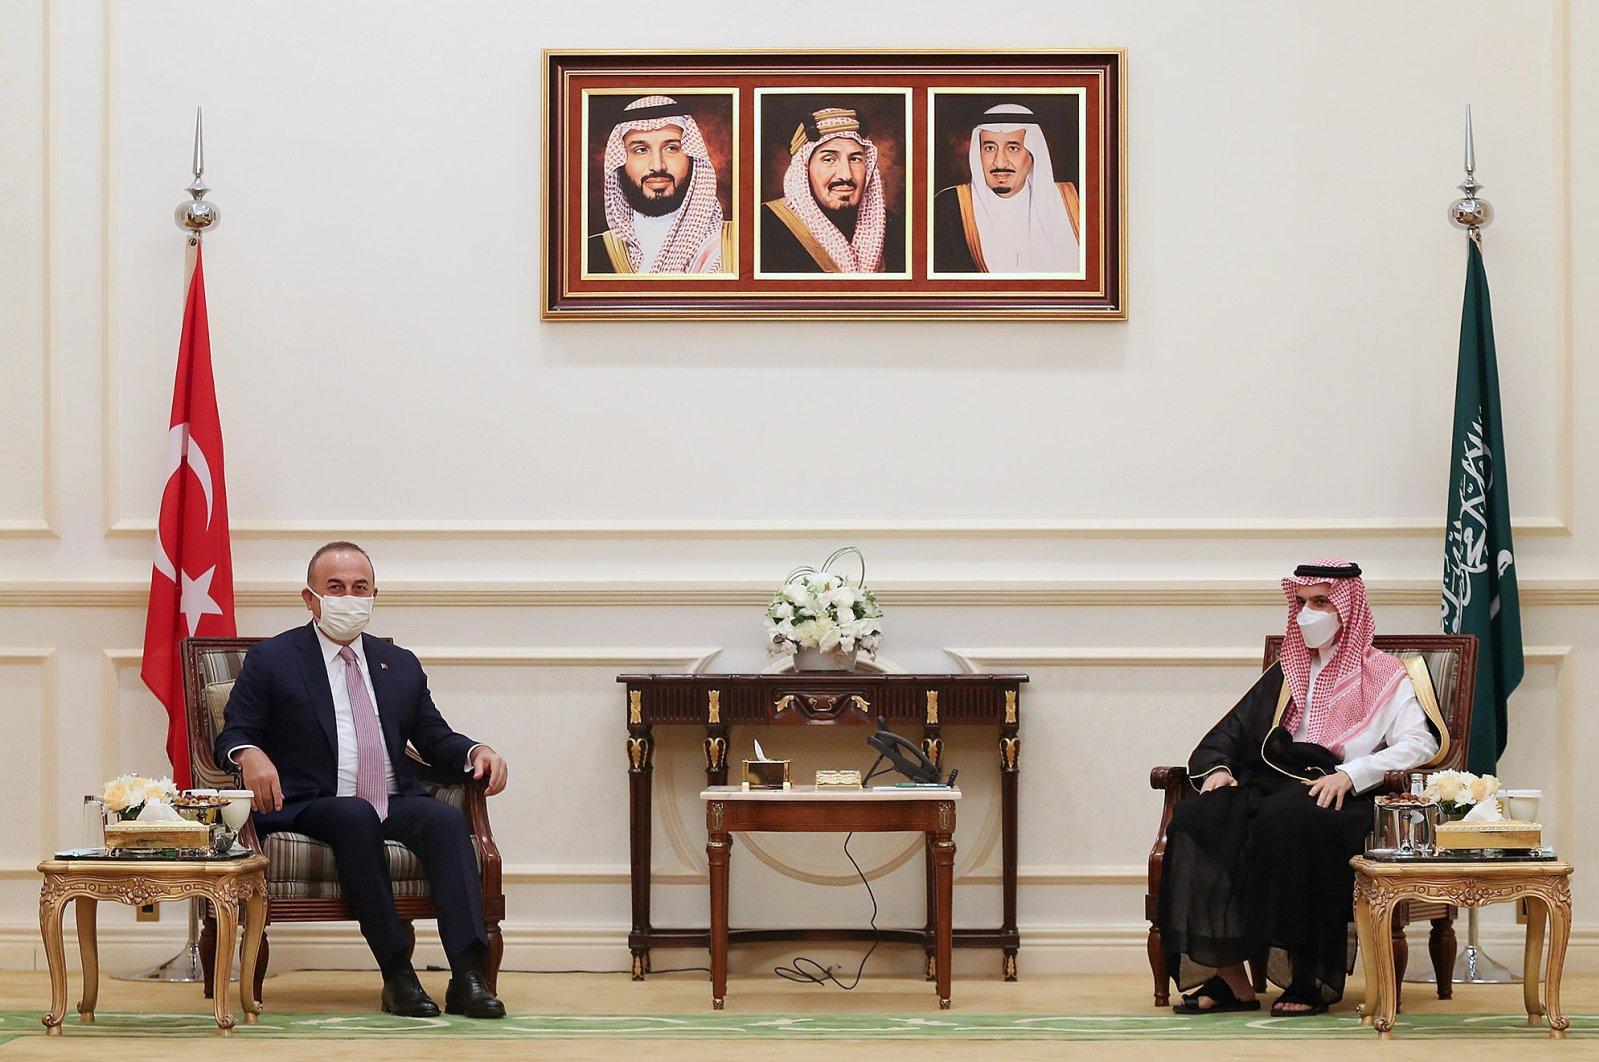 Foreign Minister Mevlüt Çavuşoğlu (L) meets with Saudi Foreign Minister Prince Faisal bin Farhan in Jeddah, Saudi Arabia, May 11, 2021. (AA Photo)